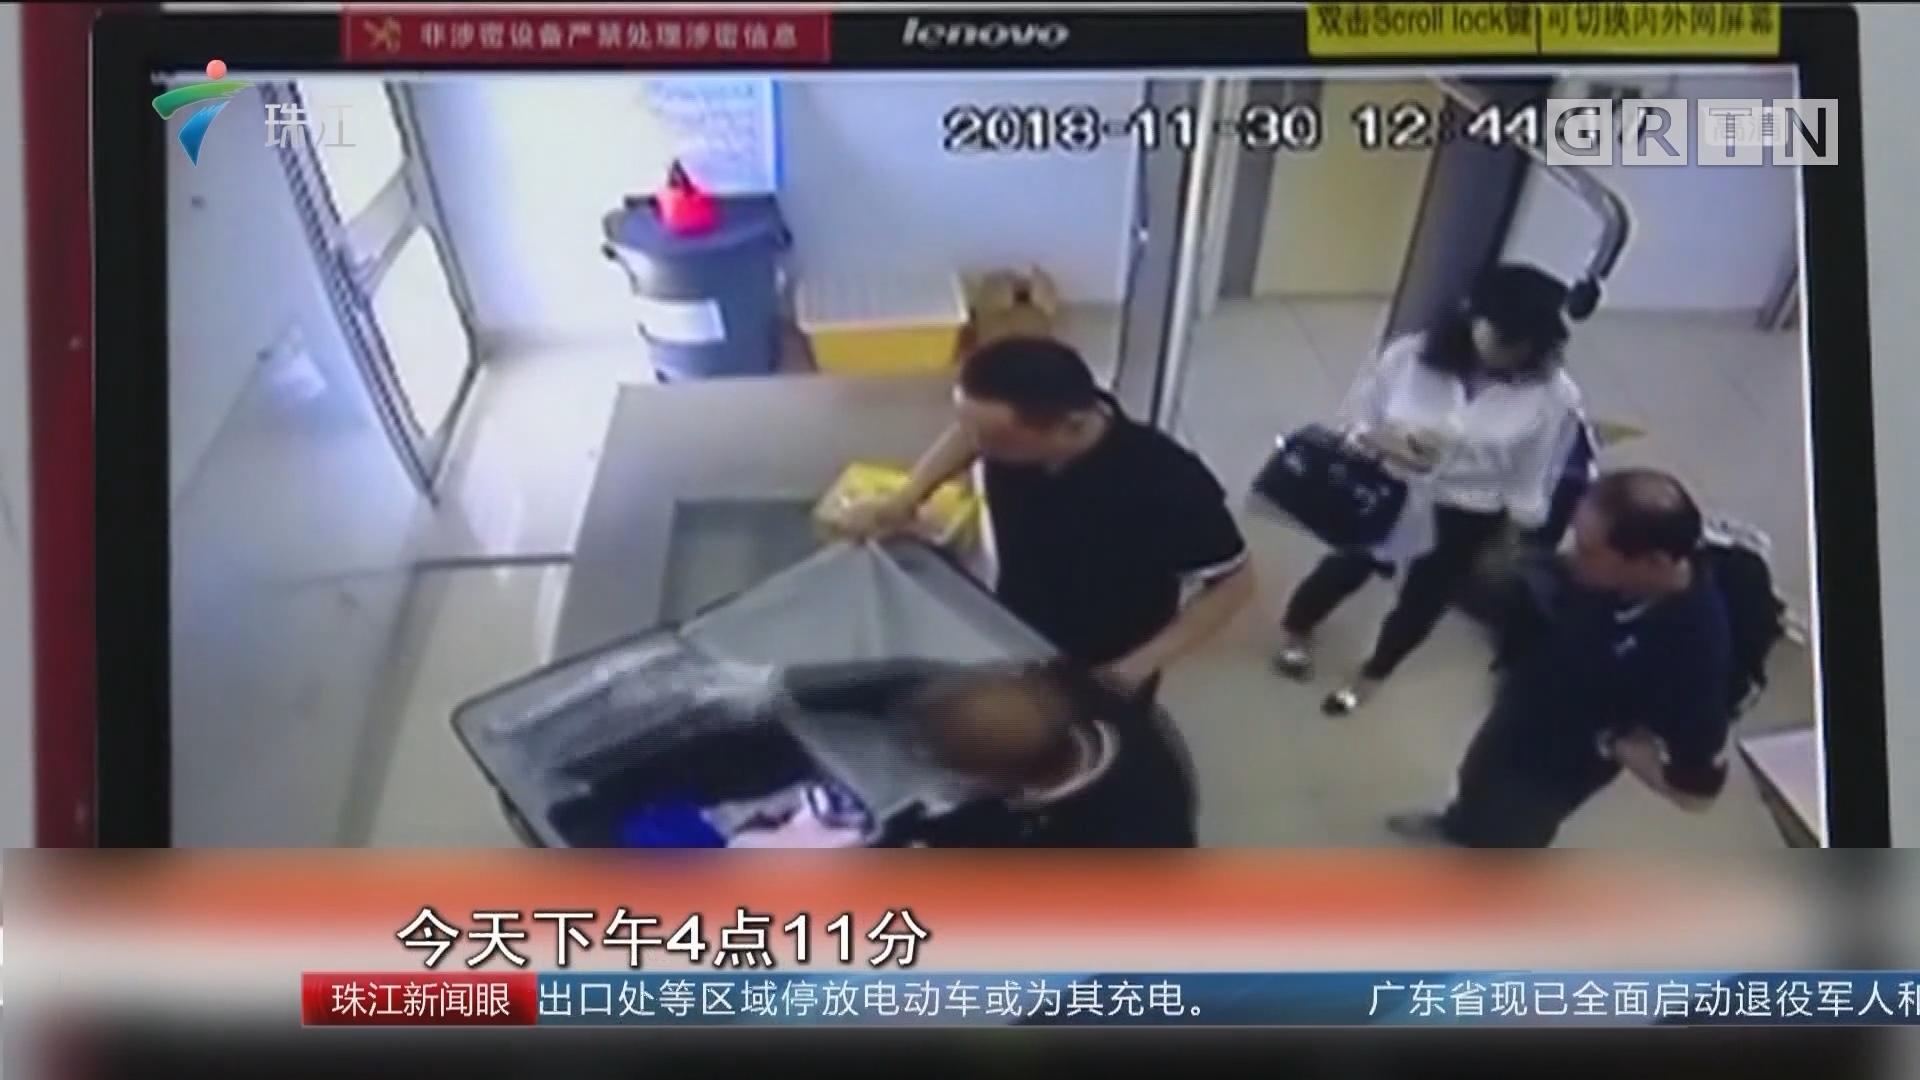 女明星發微博稱遭刁難 深圳海關曝光監控